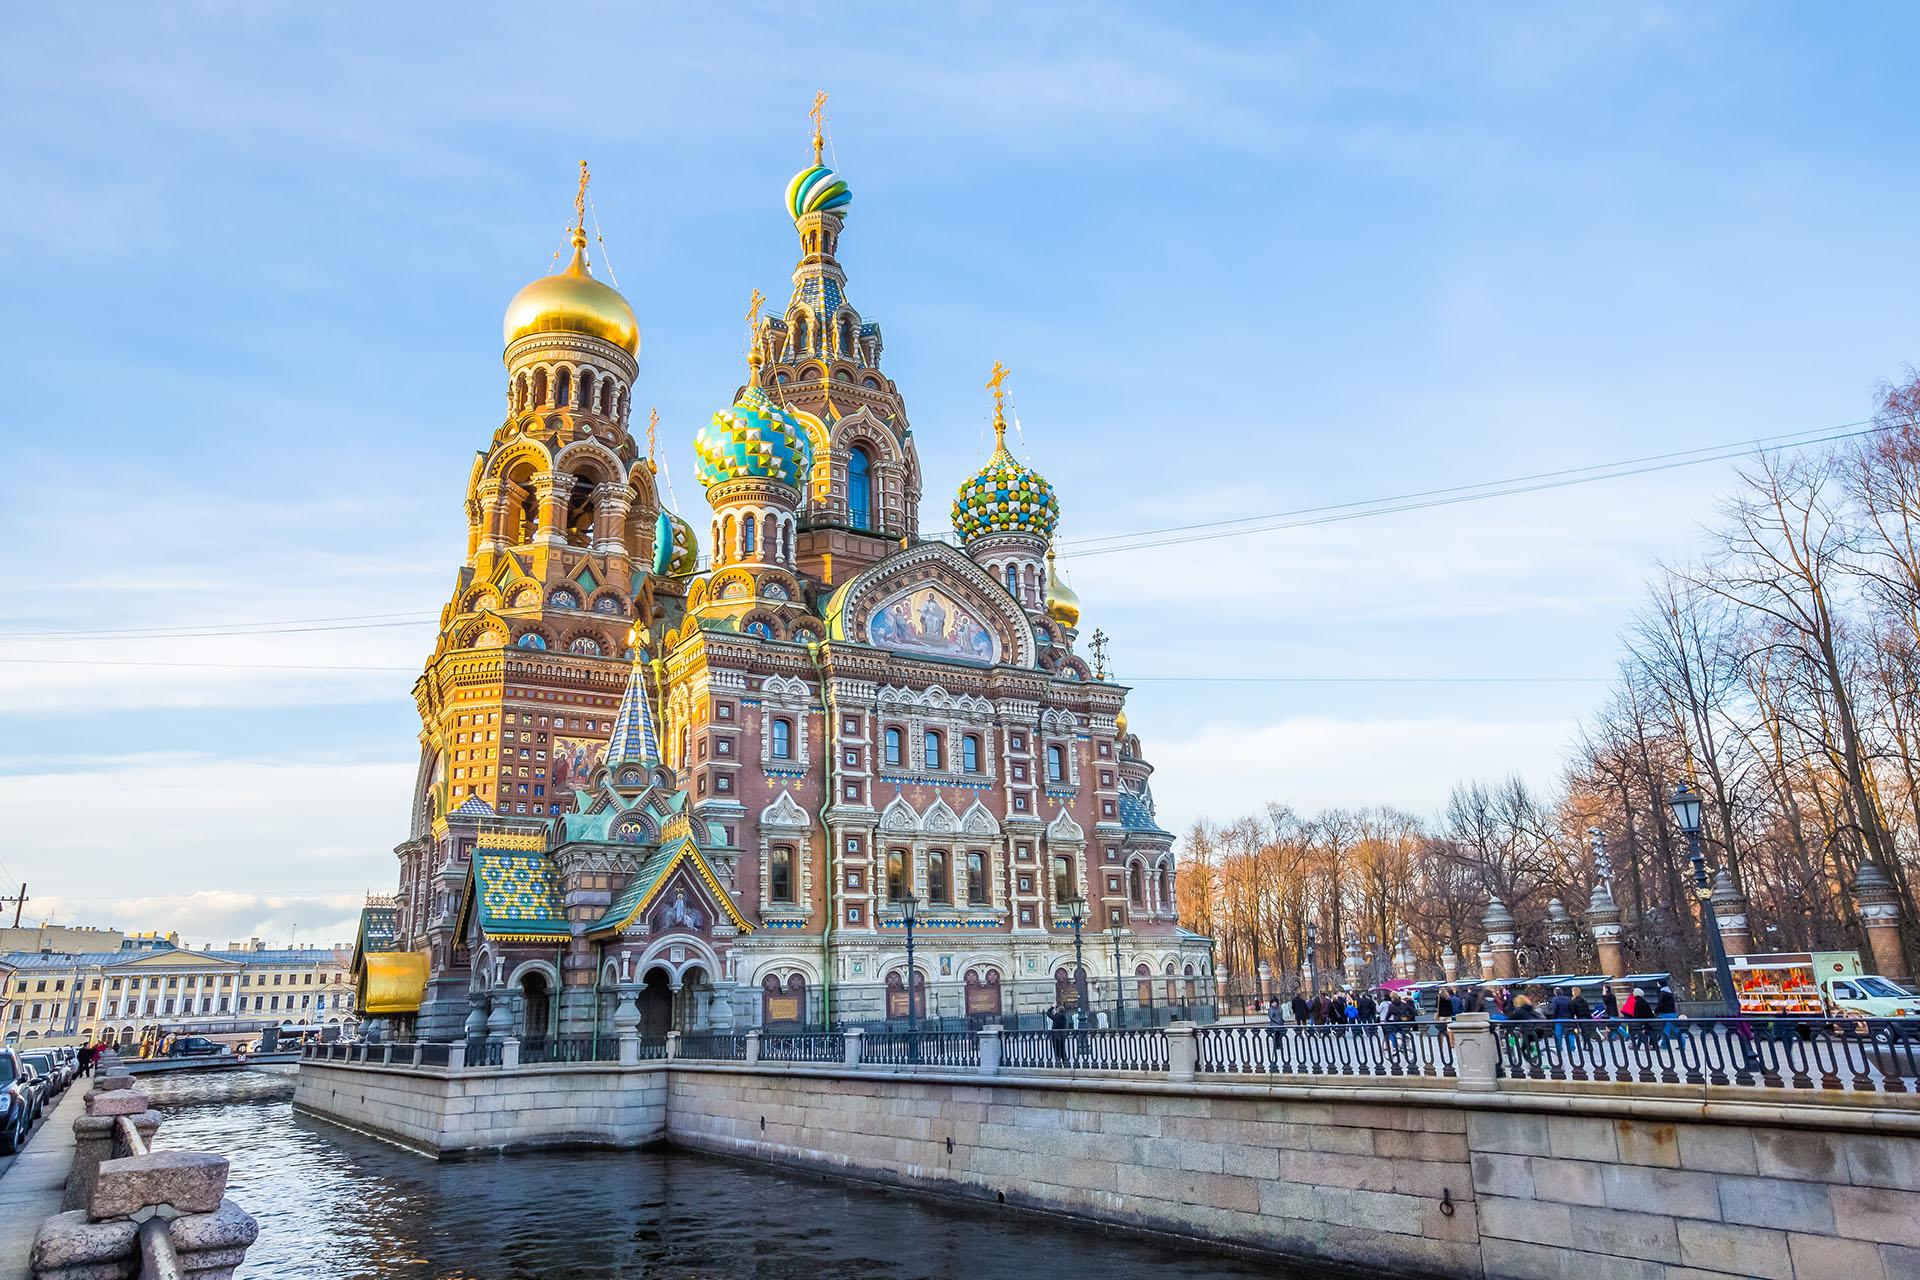 Es conocida como la Ciudad Imperial de Rusia. Su mayor atractivo es la Iglesia de la Sangre Derramada, que es la iglesia más pintoresca de la ciudad, y la Catedral de San Isaac (que es la cuarta catedral con cúpula más grande del mundo)